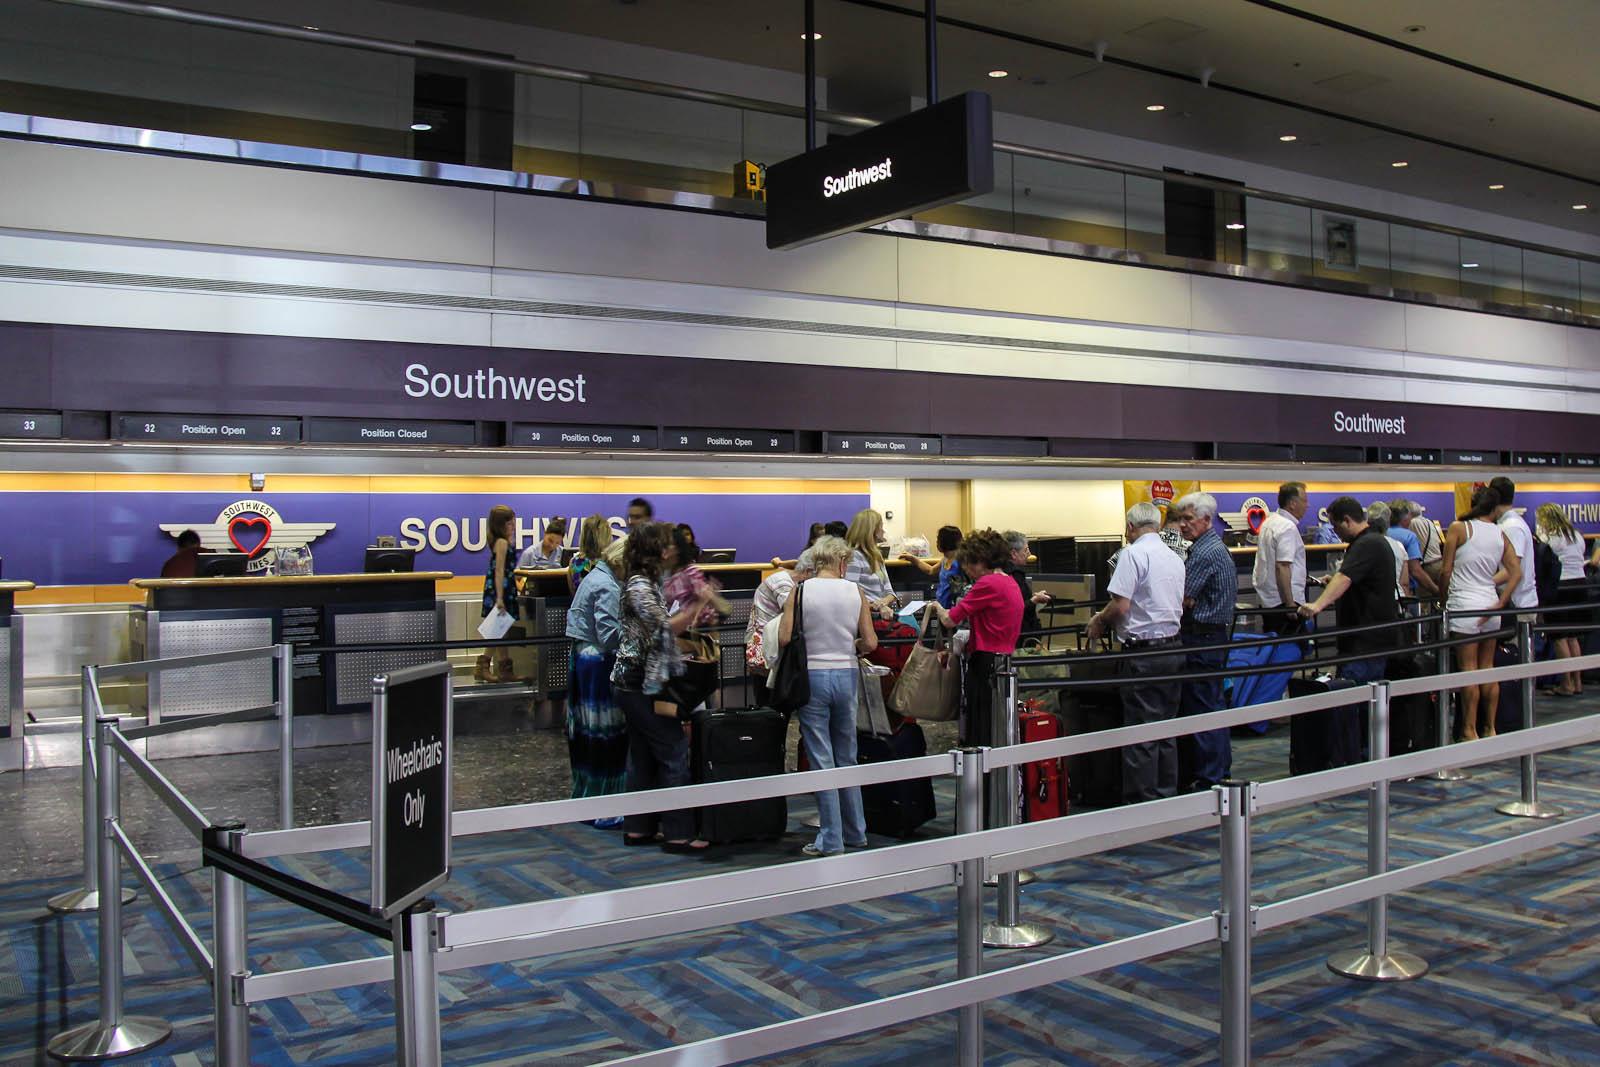 Стойки регистрации Southwest Airlines в Терминале 1 аэропорта Лас-Вегас